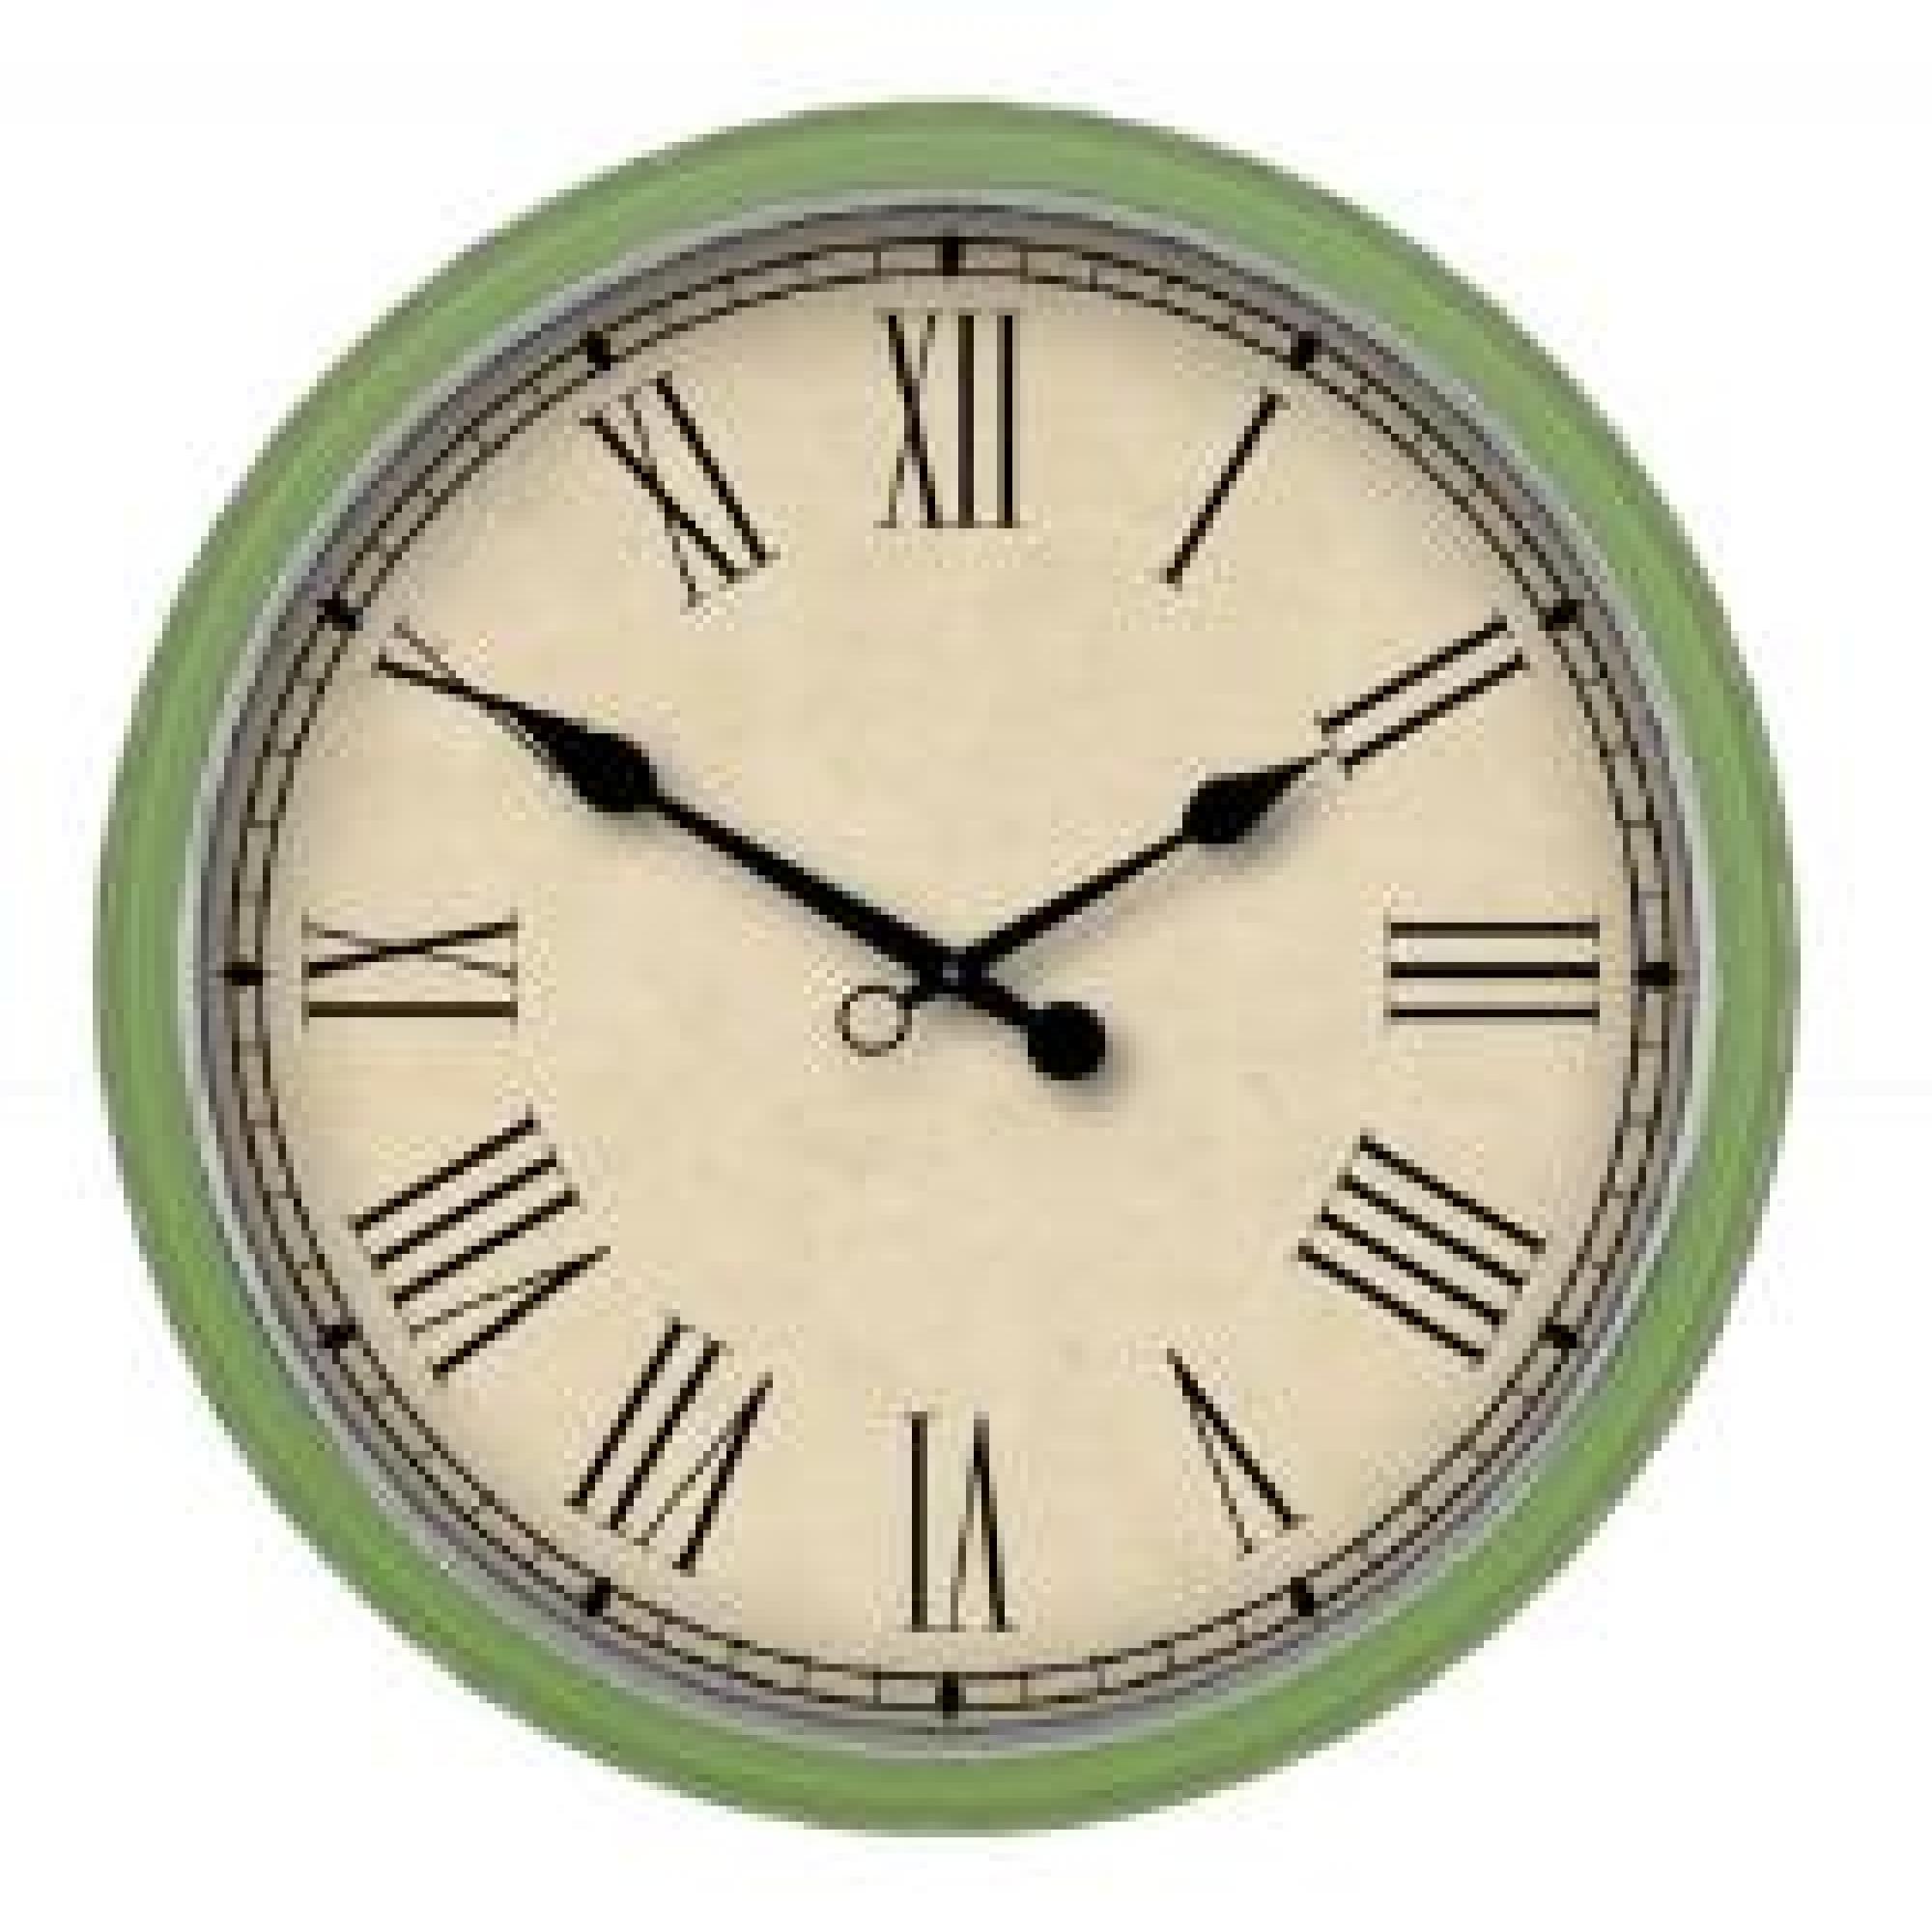 Skovel reloj de pared for Relojes de pared antiguos precios